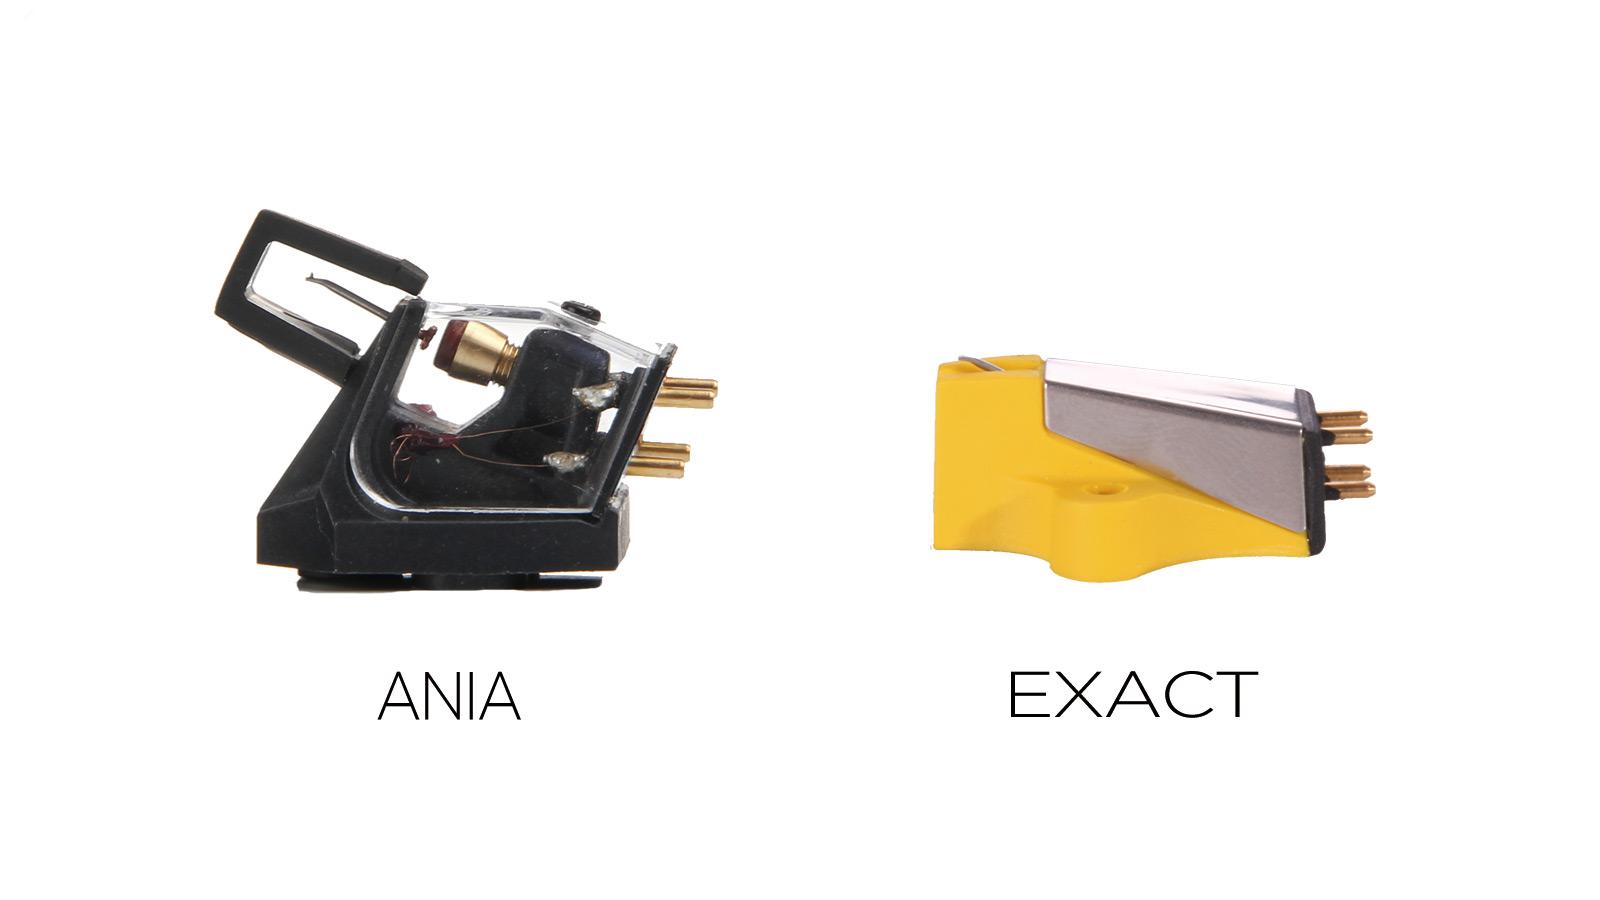 AniaとExact Ania/ MC カートリッジ、Exa…